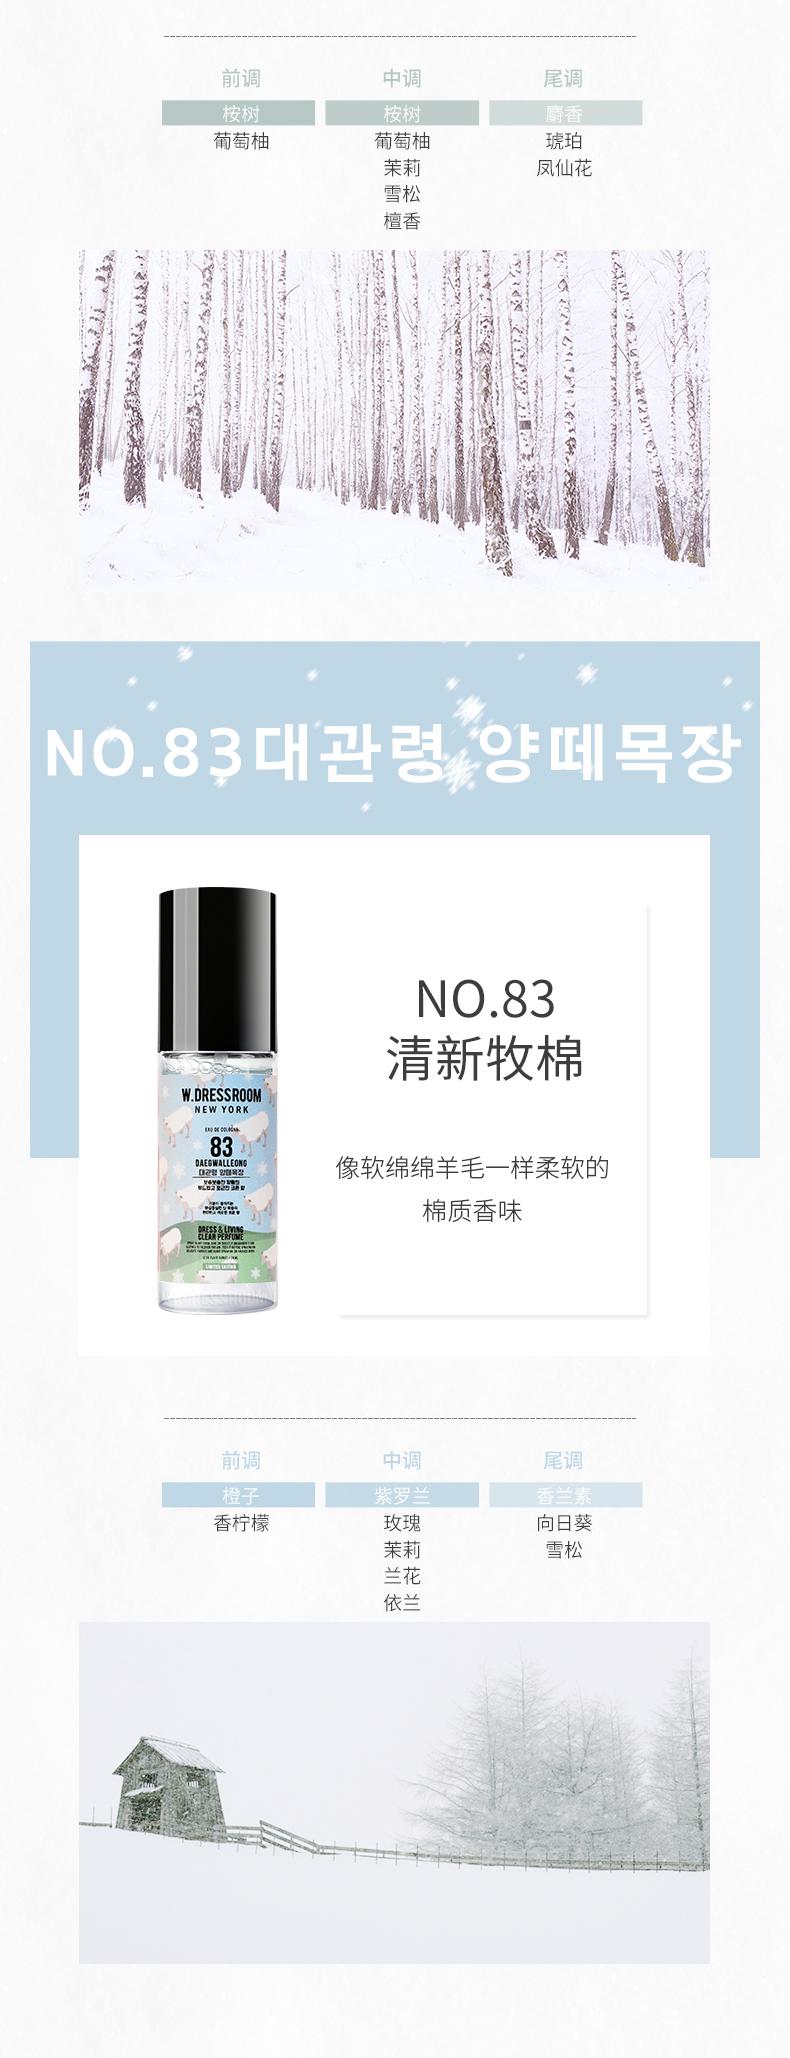 多丽丝衣物香氛喷雾除味室内空气清新剂韩国香水详细照片